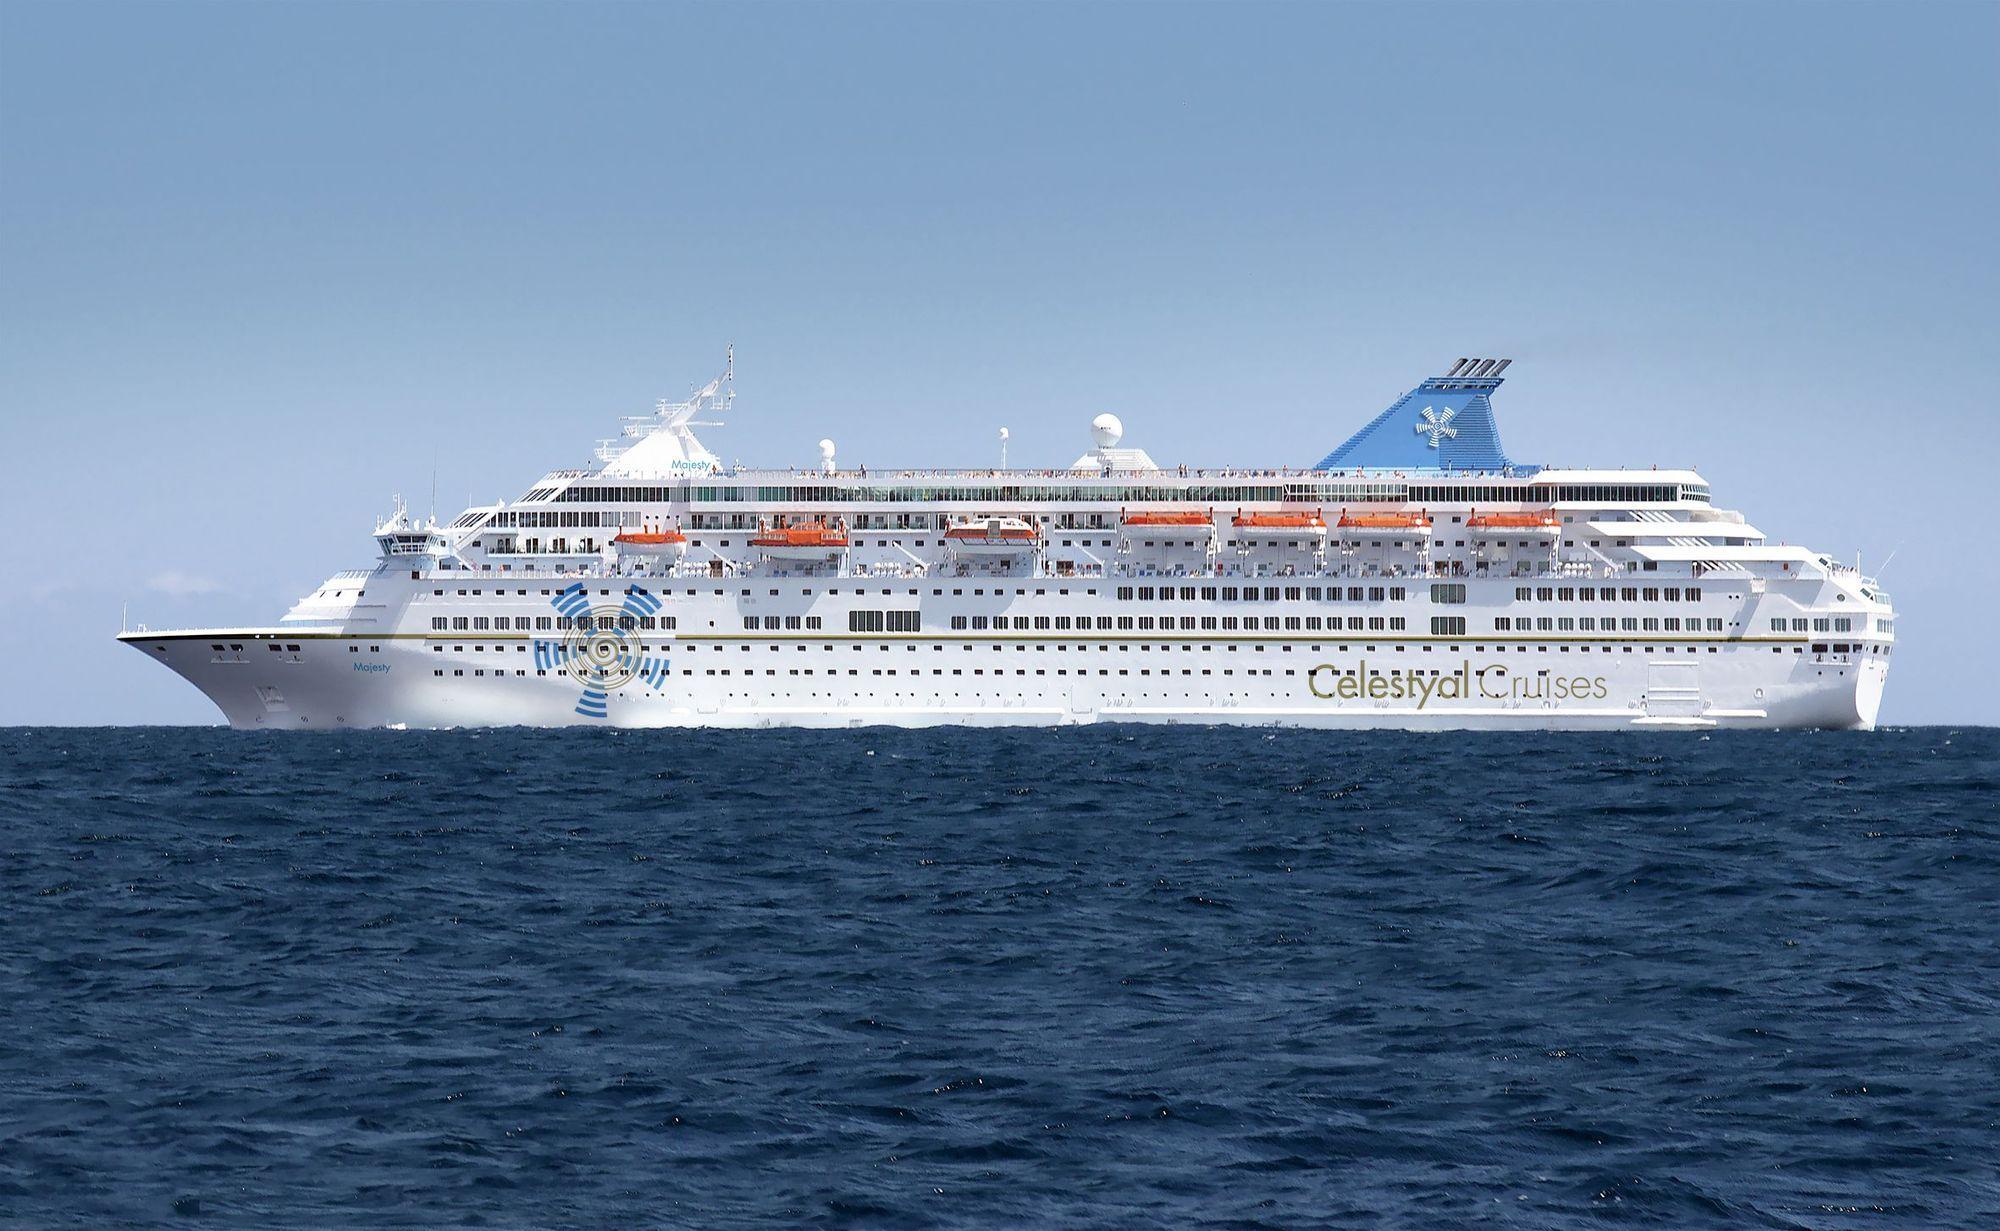 Αποτέλεσμα εικόνας για celestyal cruises